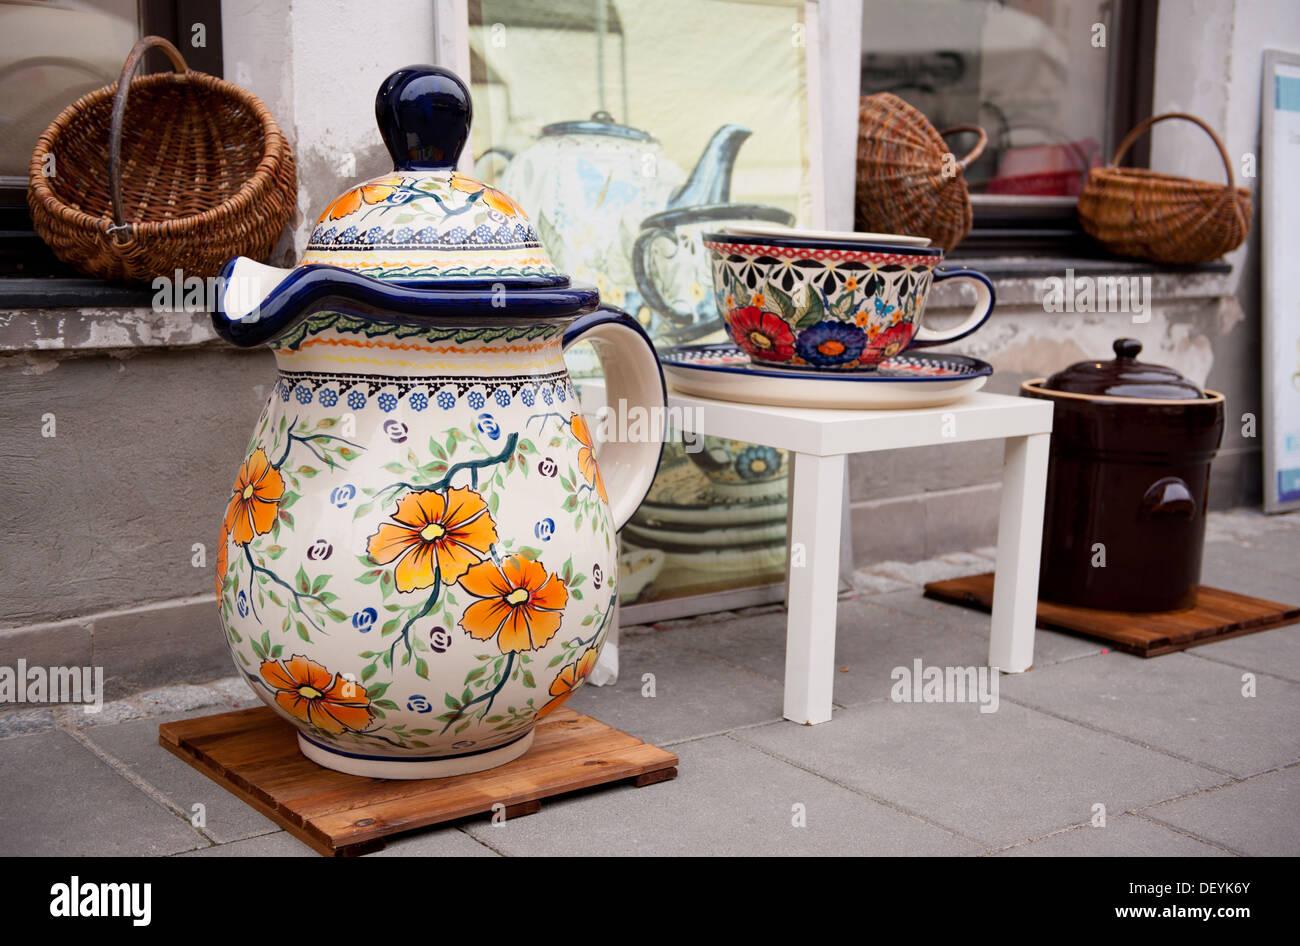 Les objets en terre cuite peinte unique dans la Vieille Ville Photo Stock